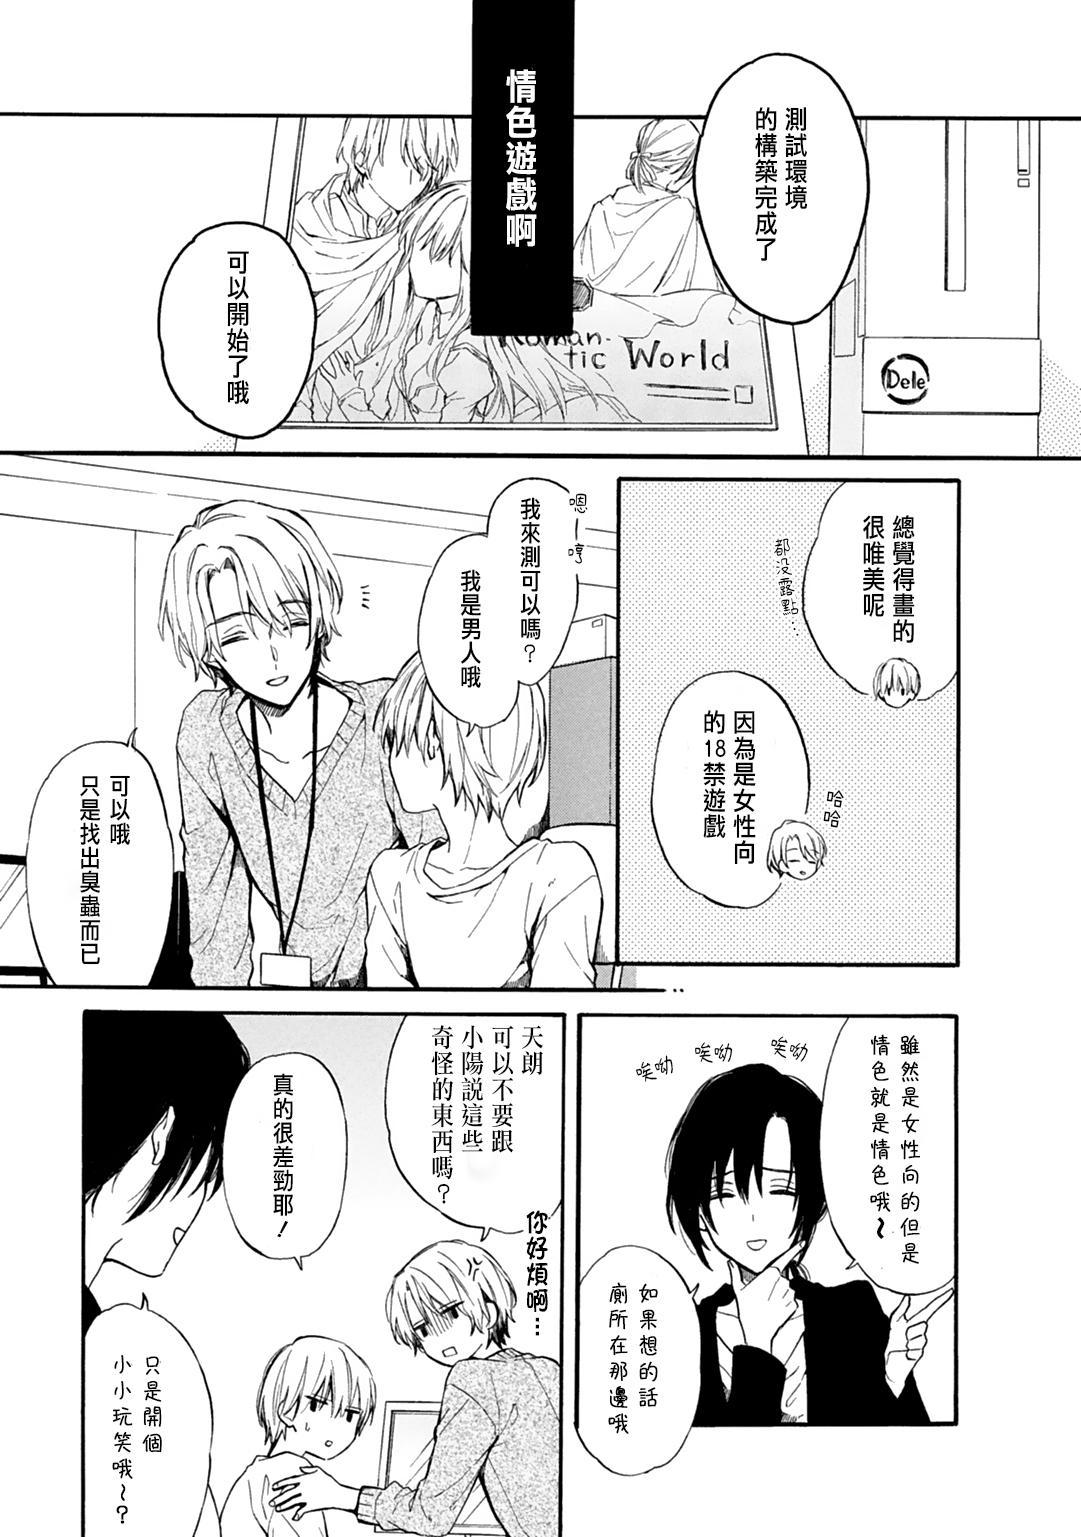 [Suzushiro Nerita] Otomege (18-kin) de Nyotaika shita Ore wa ~Clear Jouken wa Dekiai Ecchi!?~ 1-3 [Chinese] 6